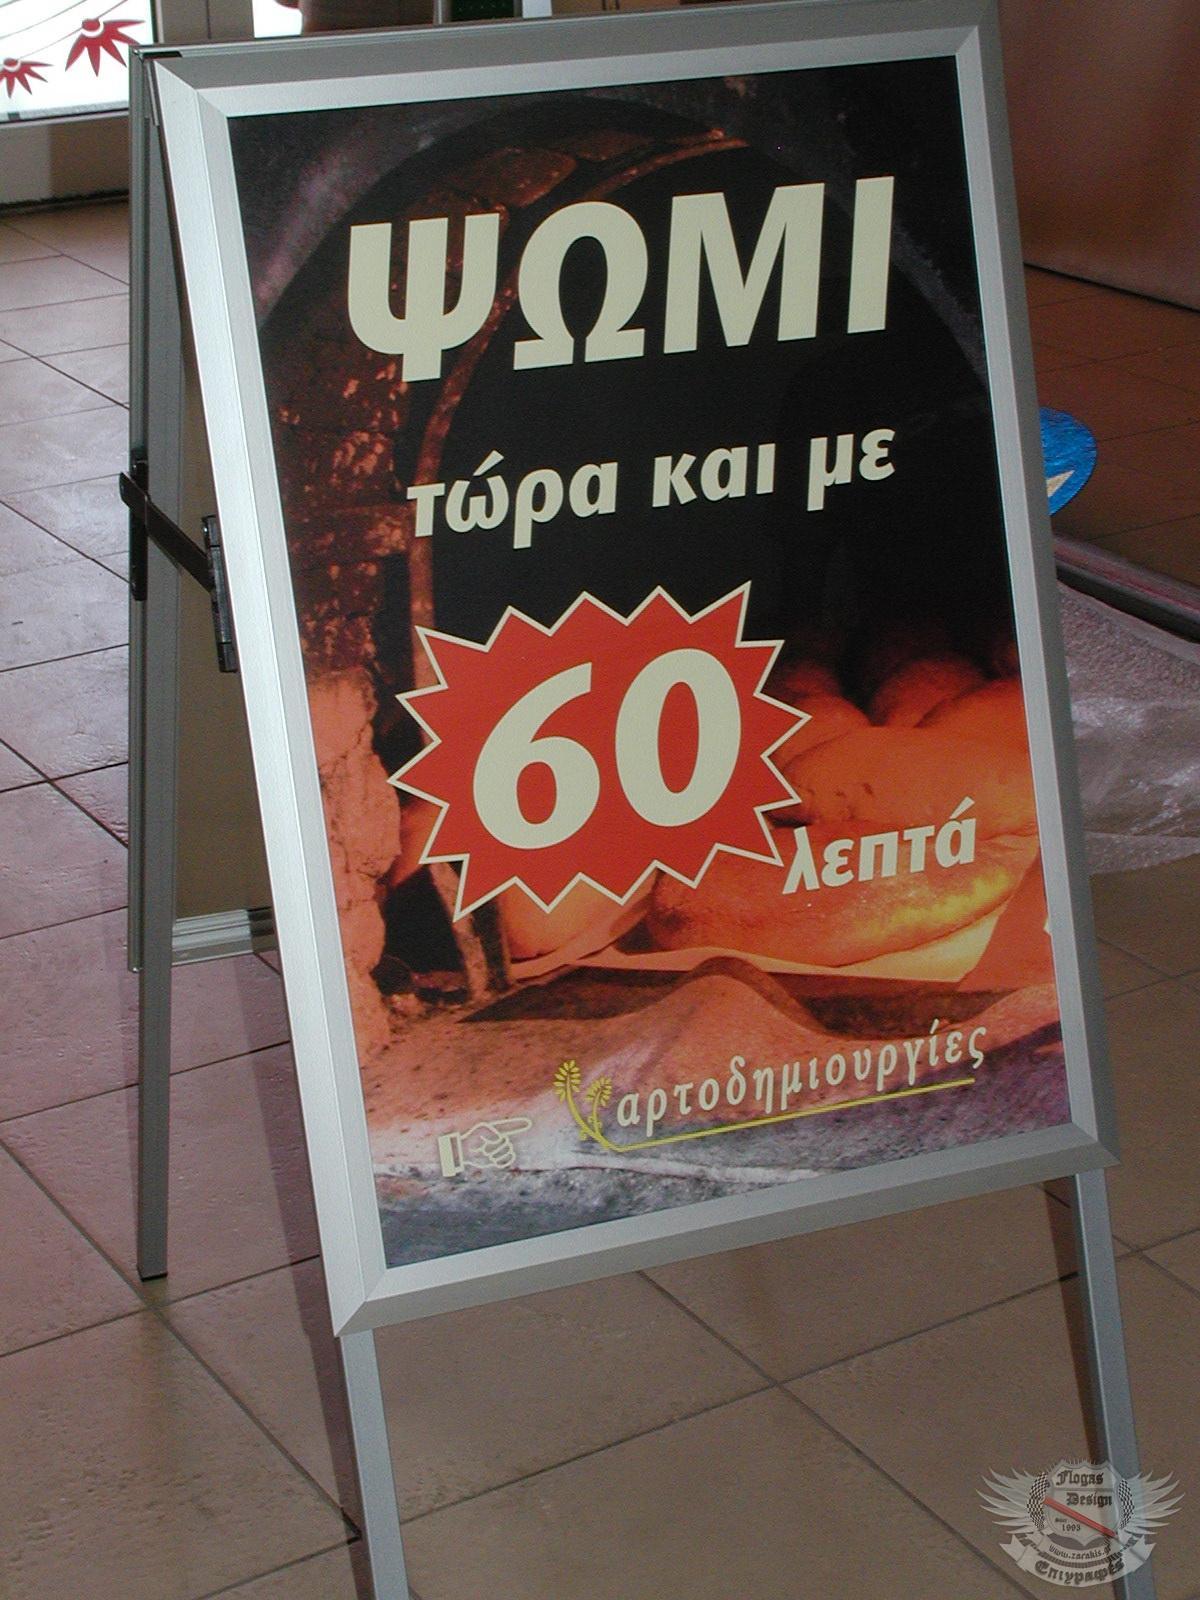 ΣΤΑΝΤ ΠΕΖΟΔΡΟΜΙΟΥ,stant pezodromiou